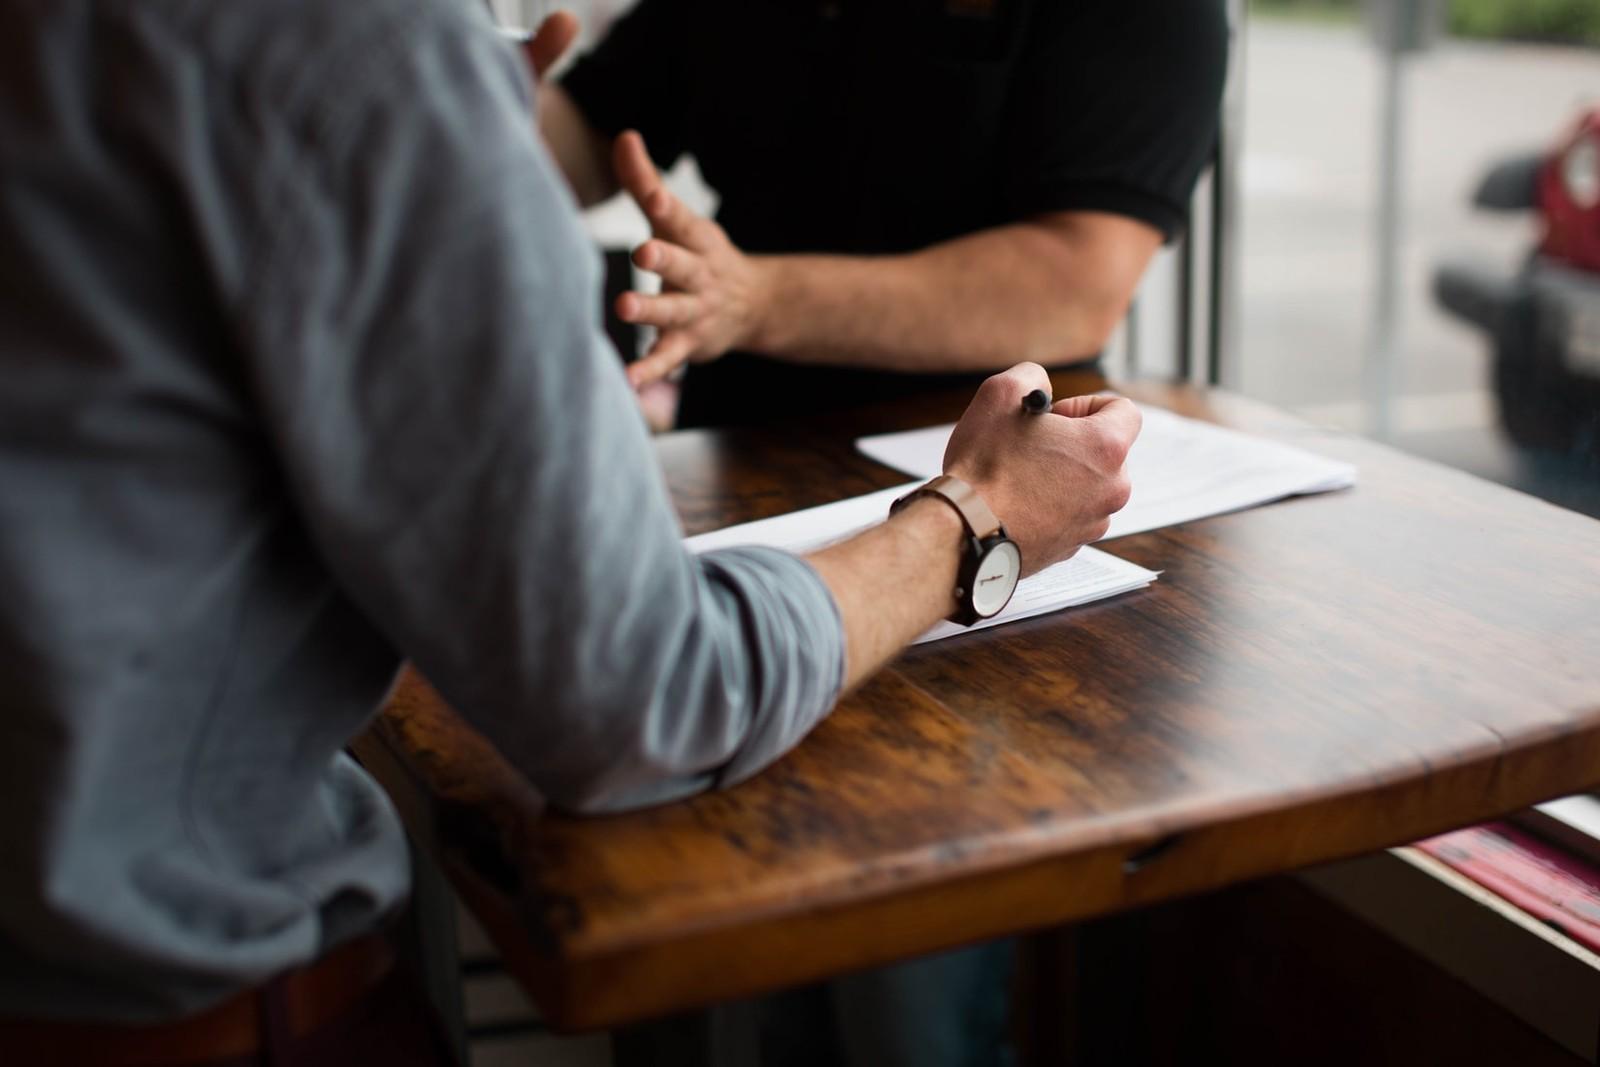 Personelle Veränderungen in der Ehe-, Familien- und Lebensberatung (EFLB) im Bistum